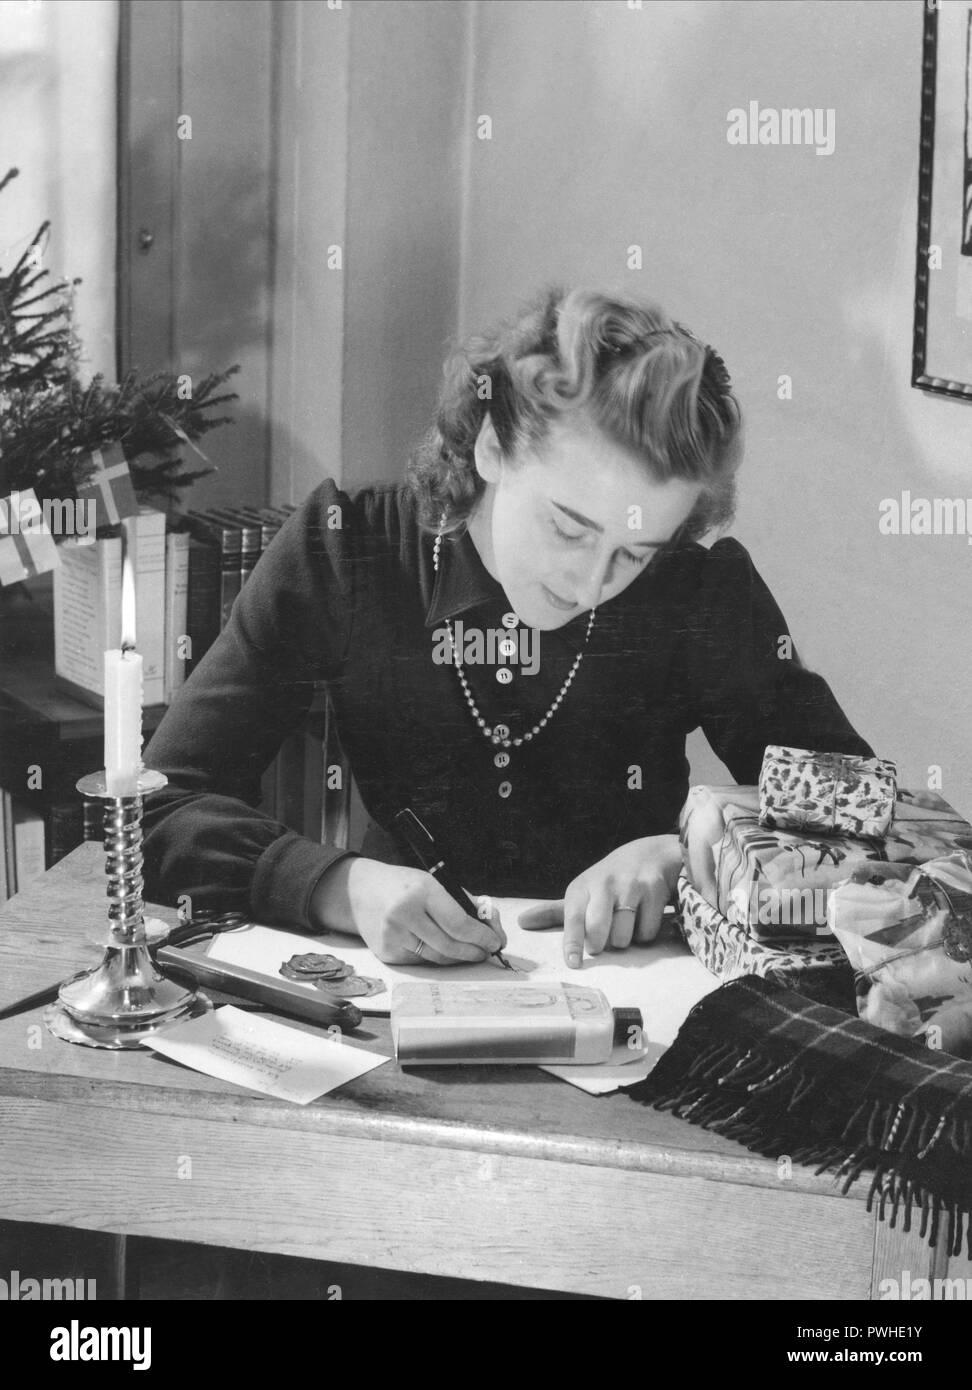 Weihnachtsgeschenke In Schweden.Weihnachten In Den 1940er Jahren Eine Frau Ist Verpackung